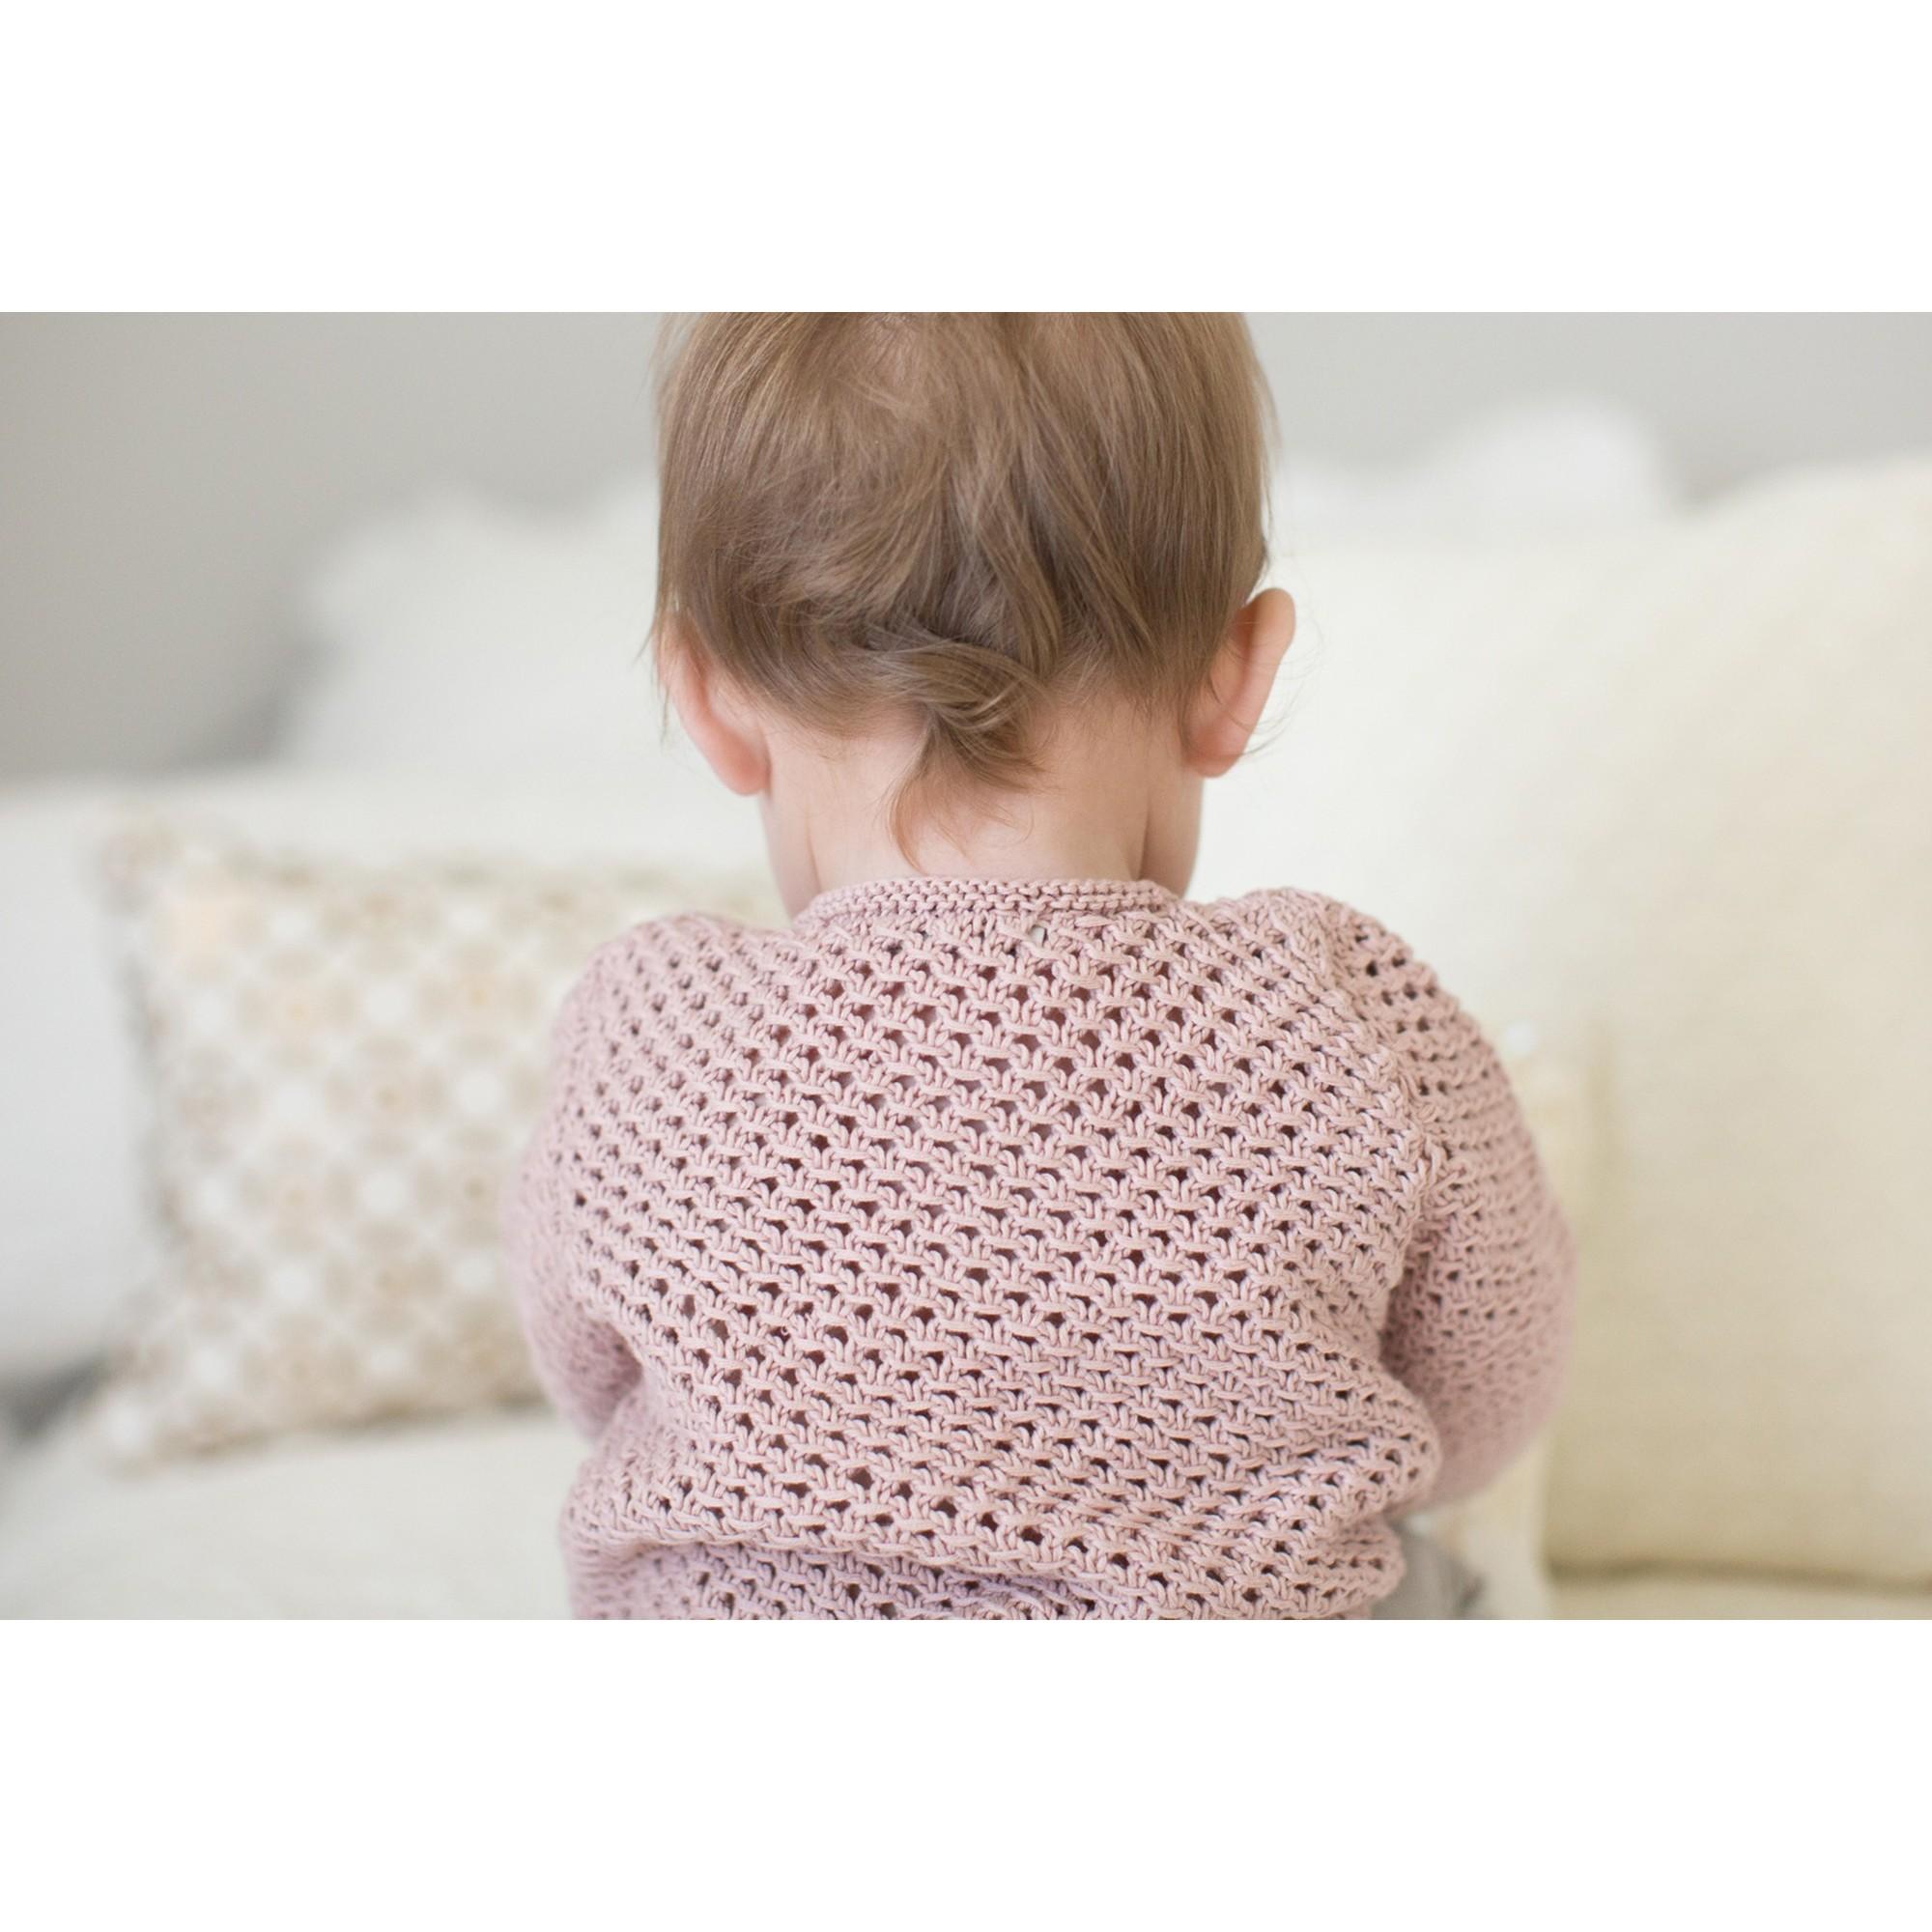 Gilet Joséphine pour enfant - en coton - porté (vue de derrière)